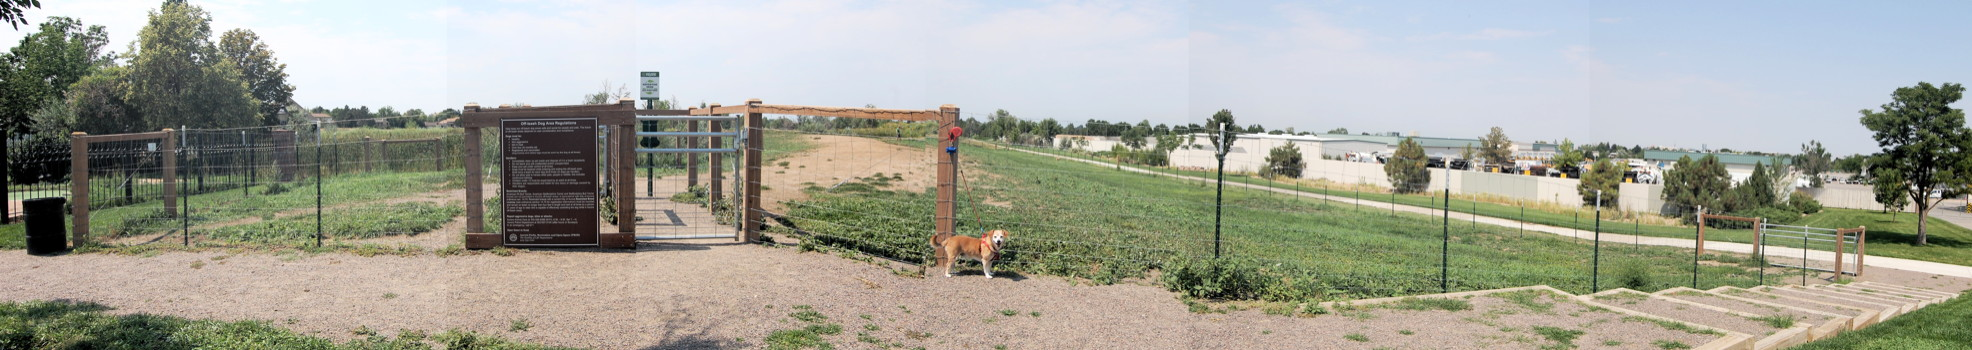 Joliet Dog Parks